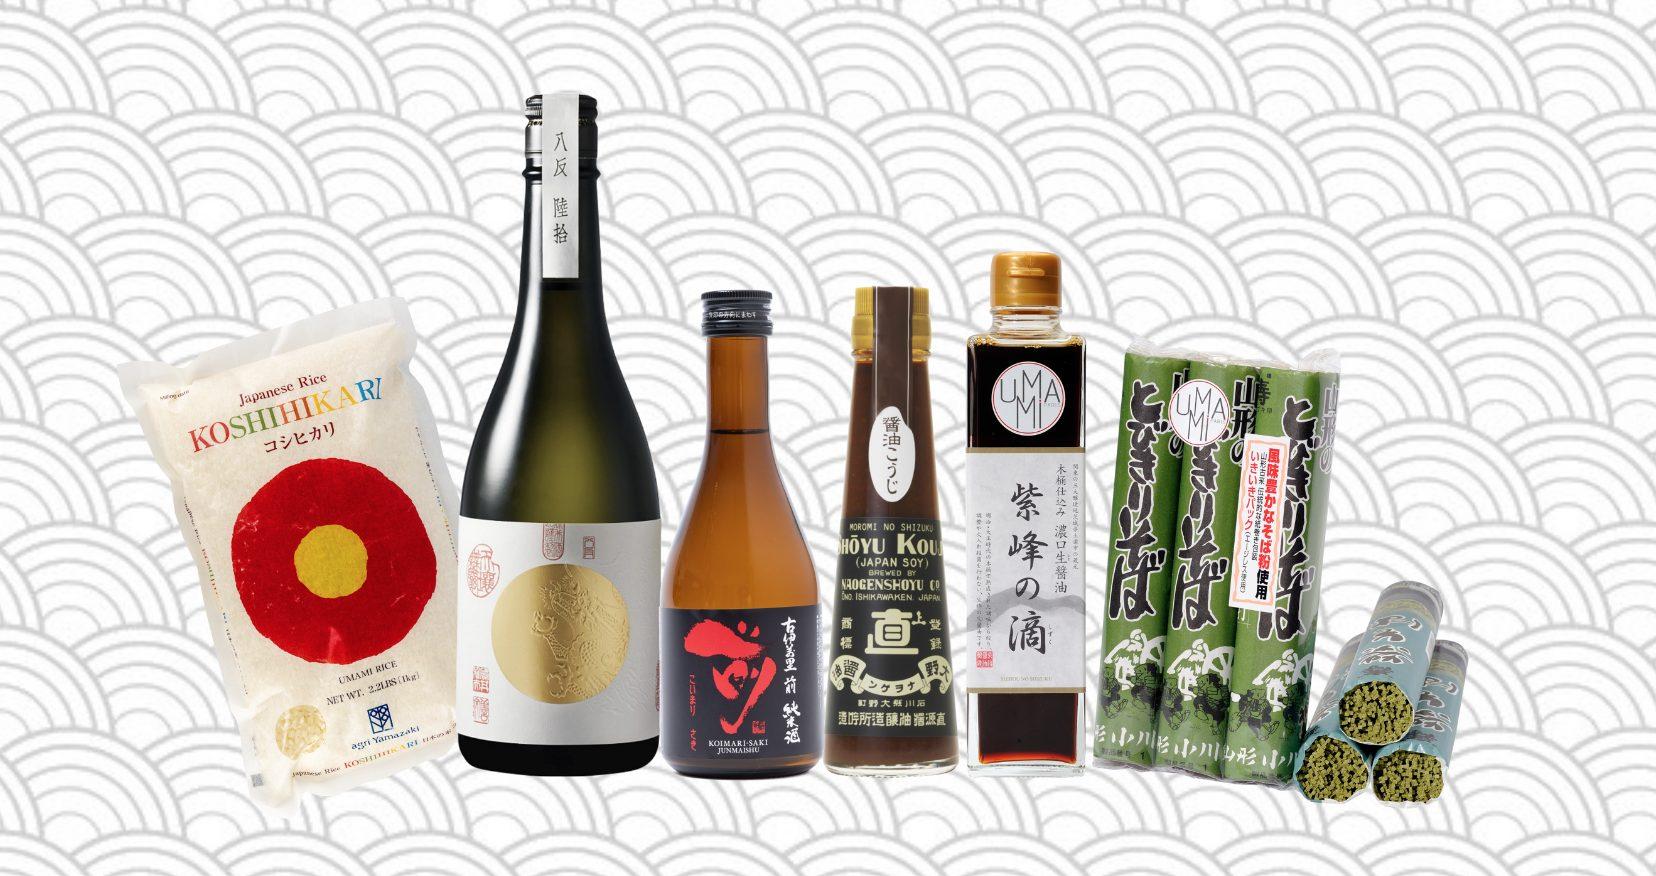 produits umami sur fond japonisant